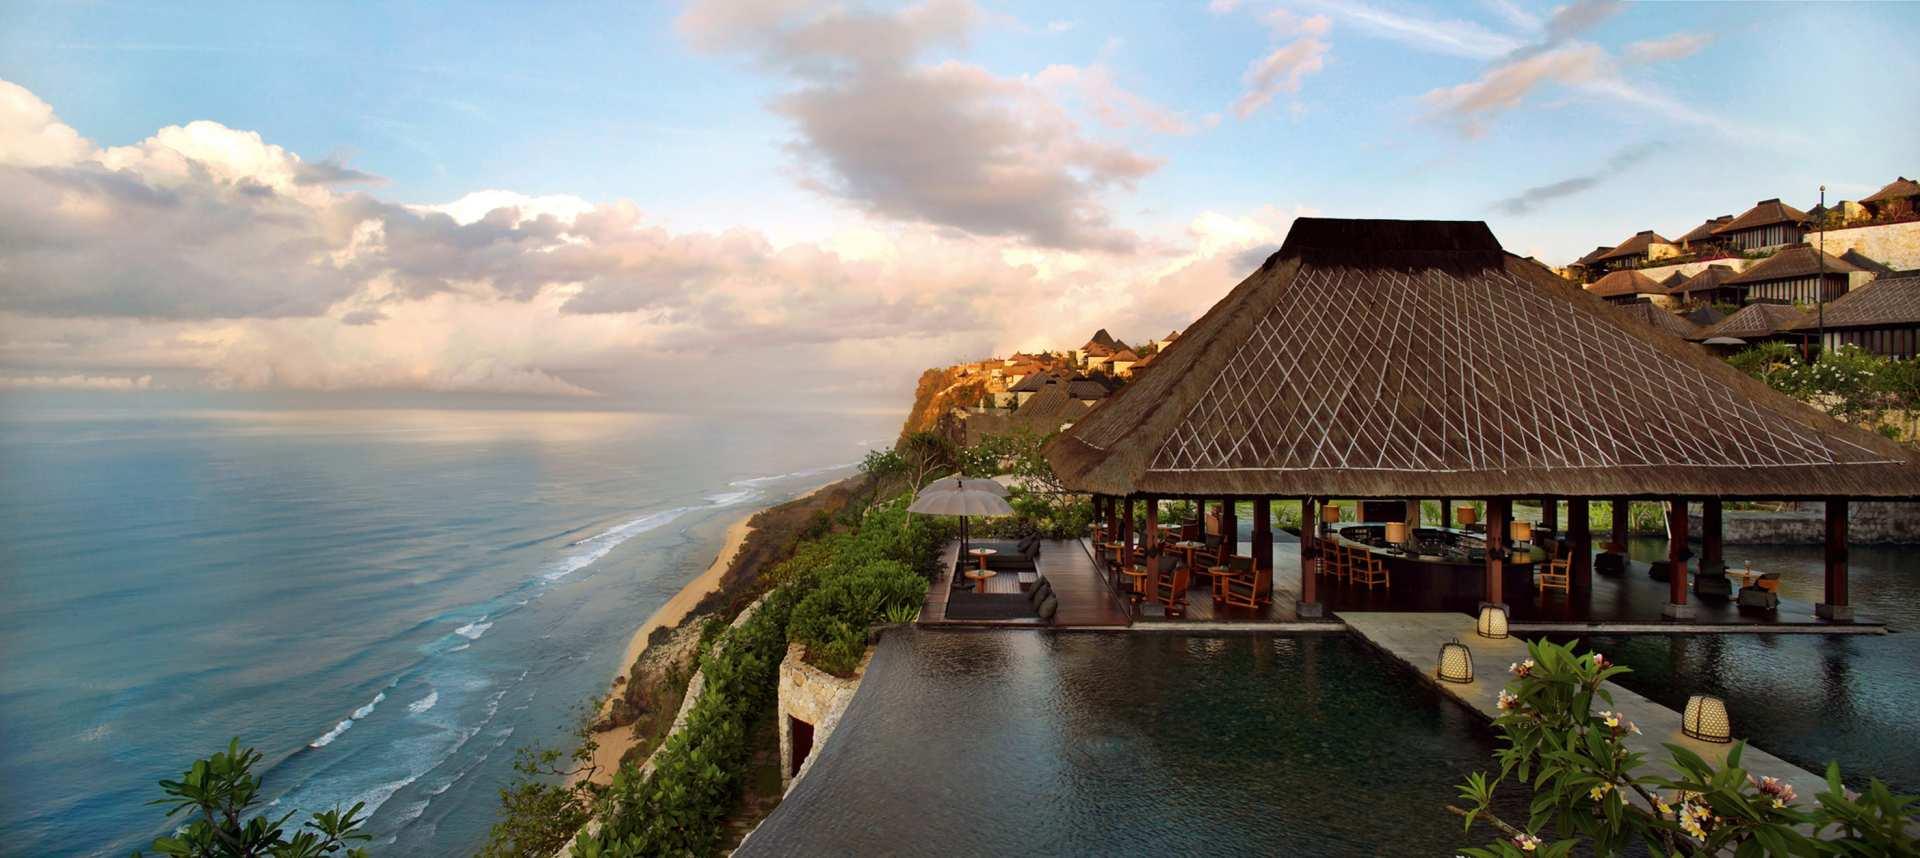 寶格麗度假飯店 Bulgari Resort Bali Uluwatu|入住海景別墅